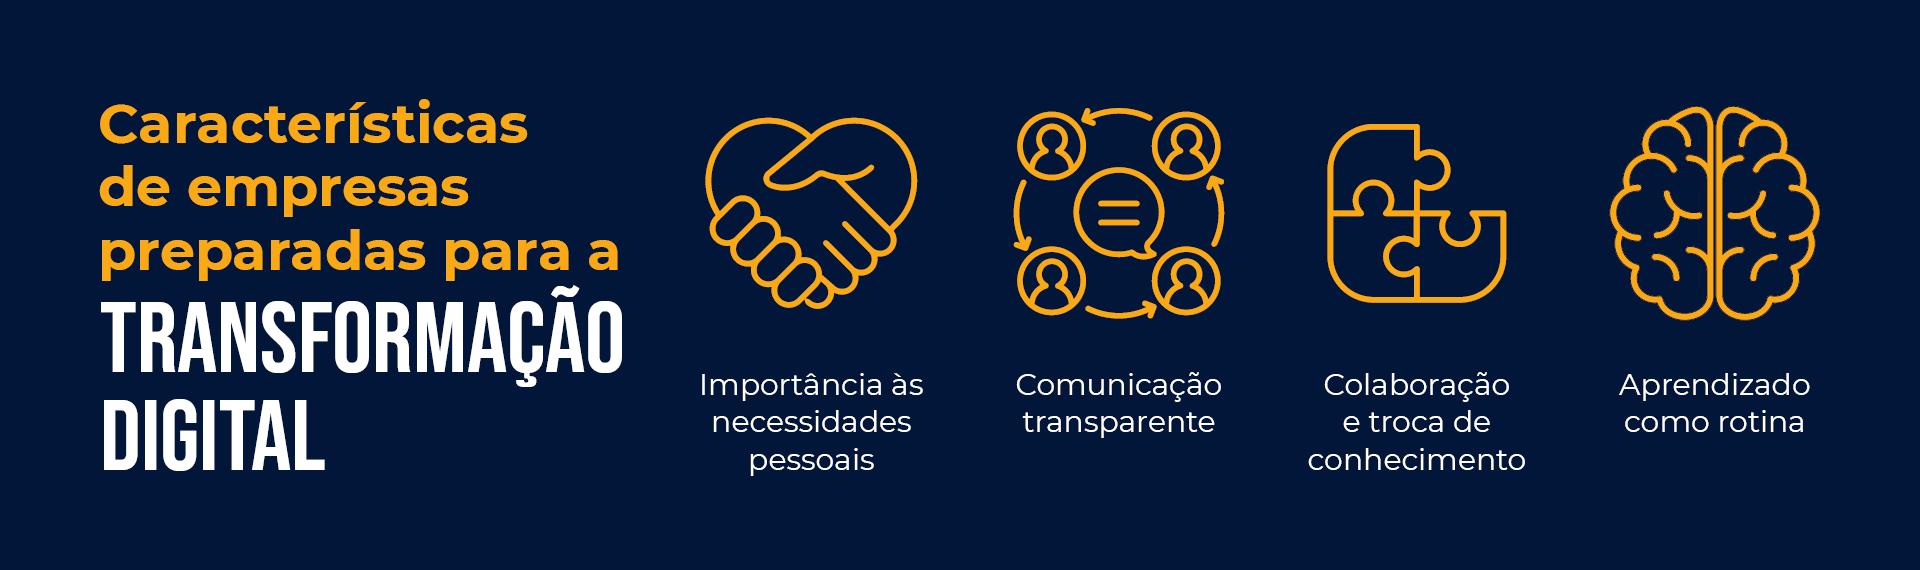 Características de empresas preparadas para a transformação digital